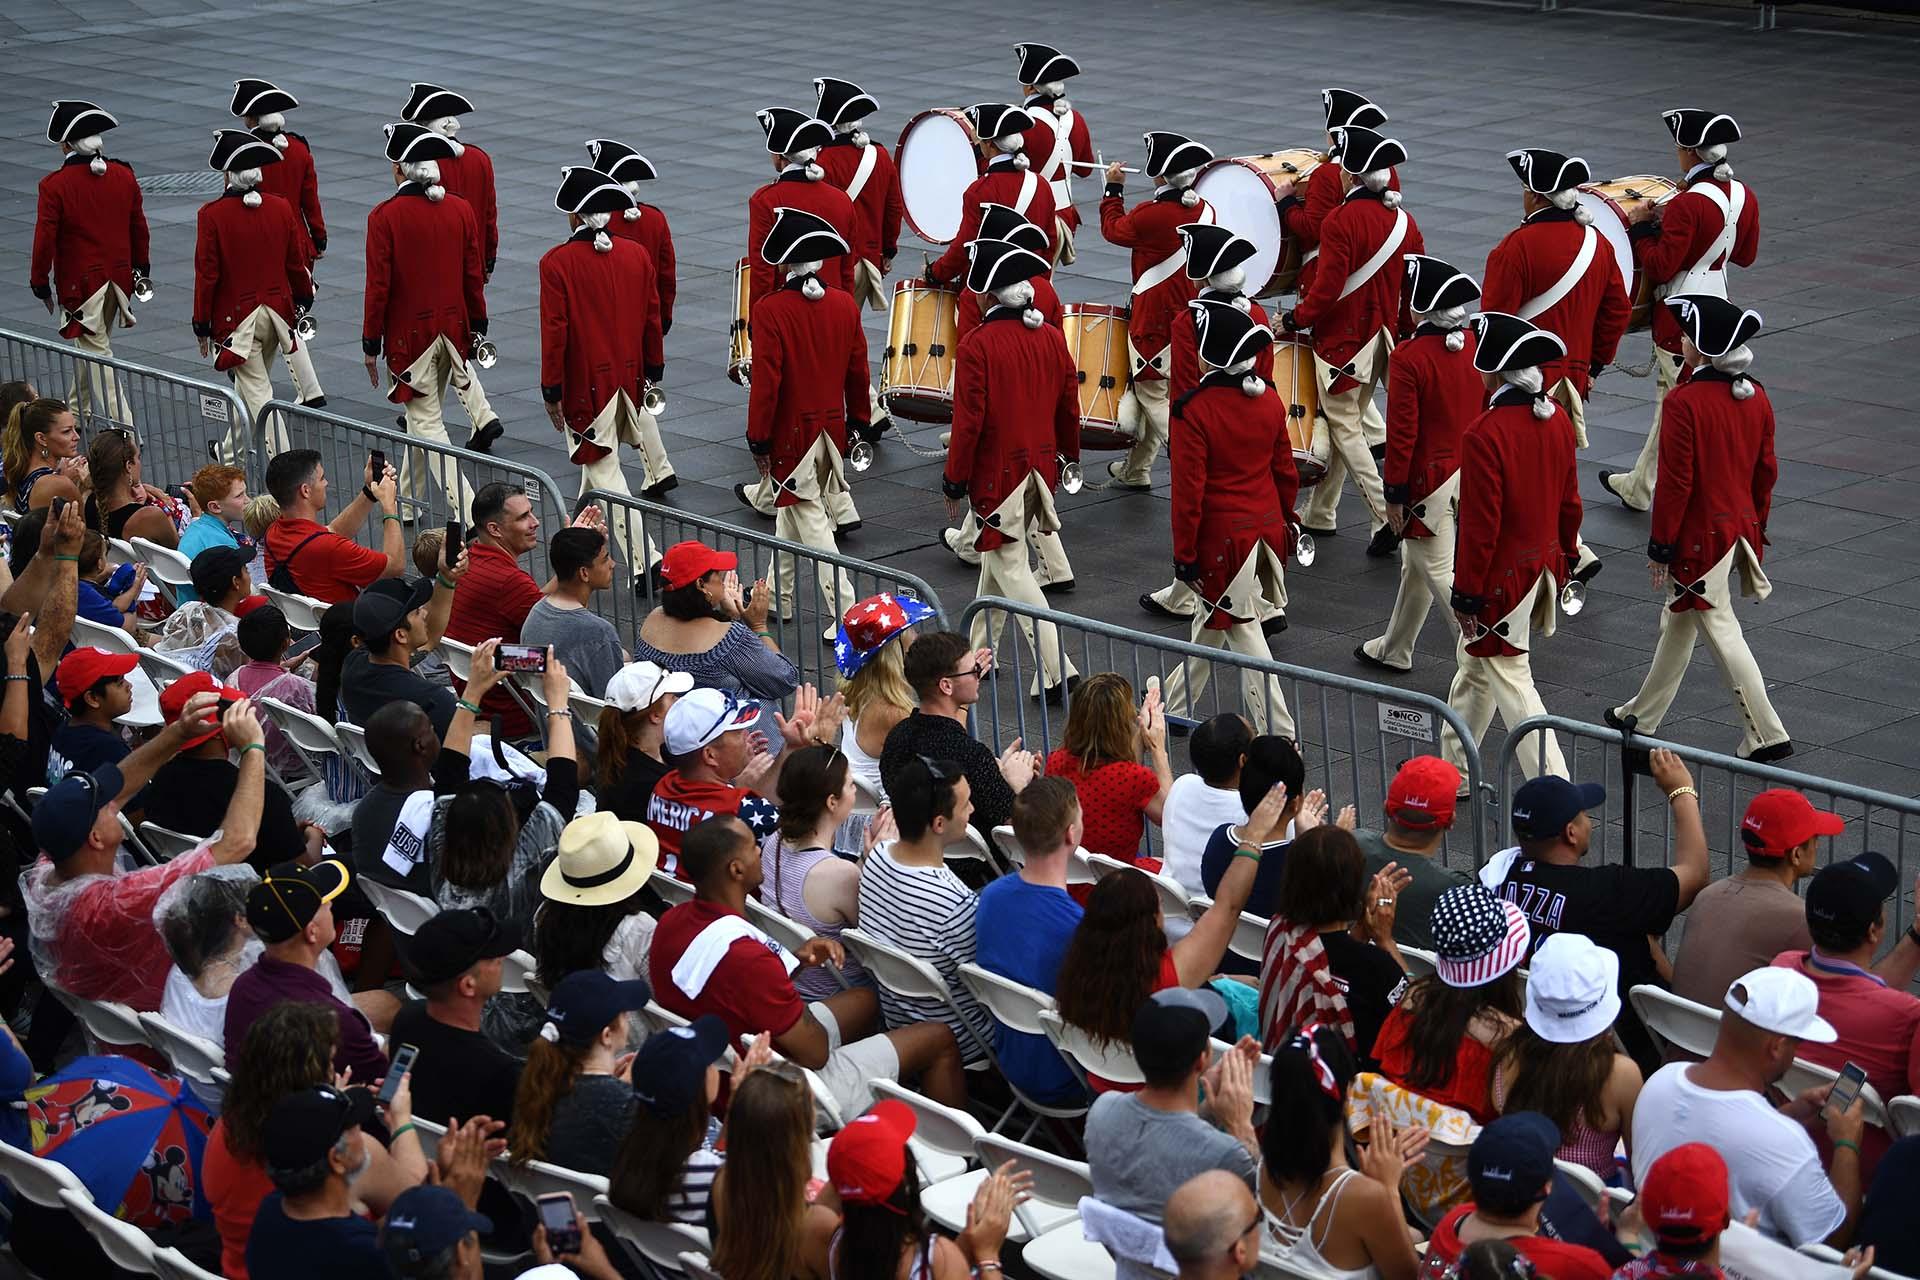 La banda de tambores y vientos marchó frente a la multitud